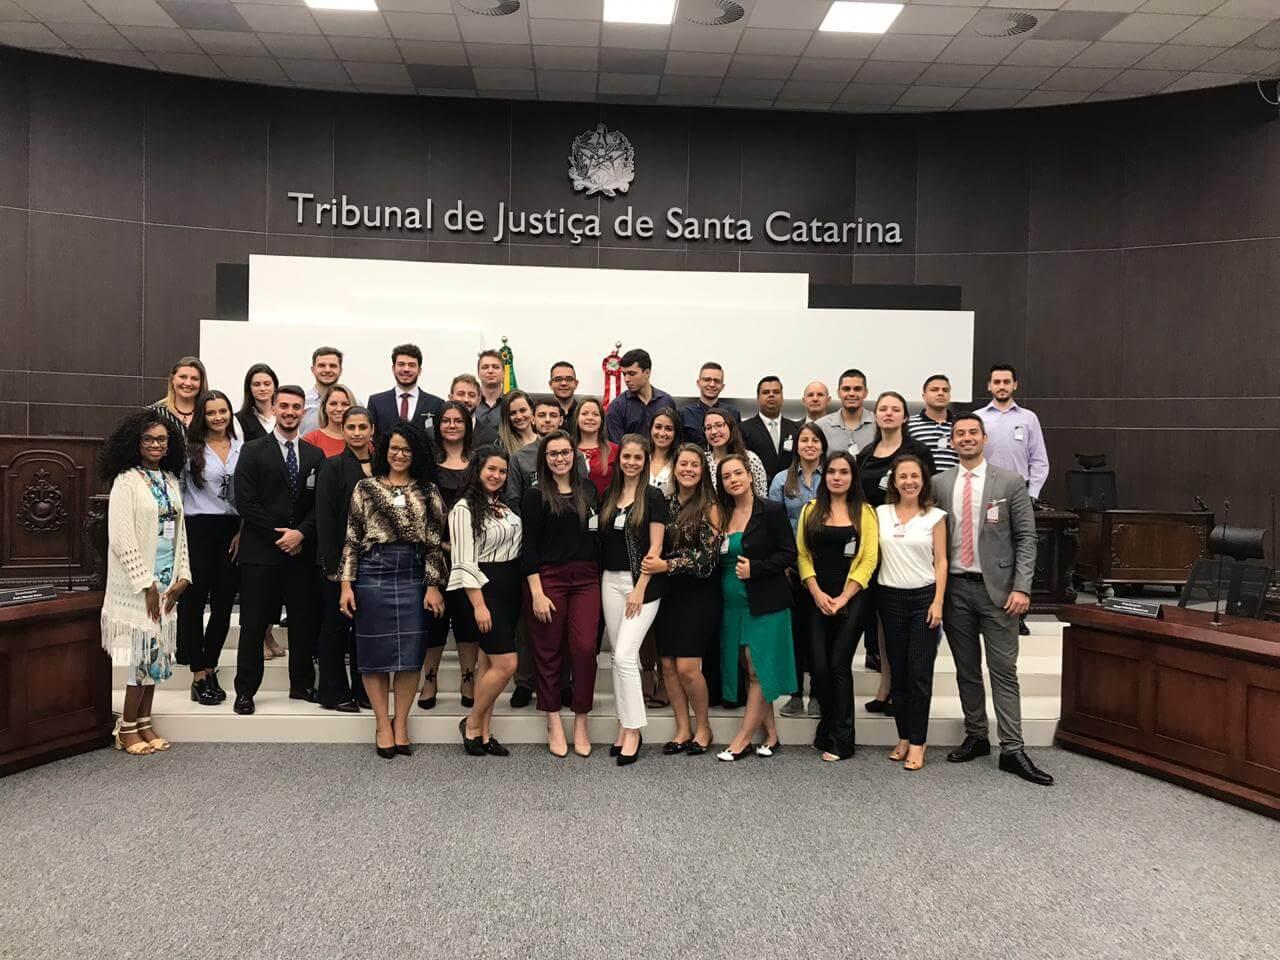 Alunos conhecem funcionamento do Tribunal de Justiça e da OAB de Santa Catarina